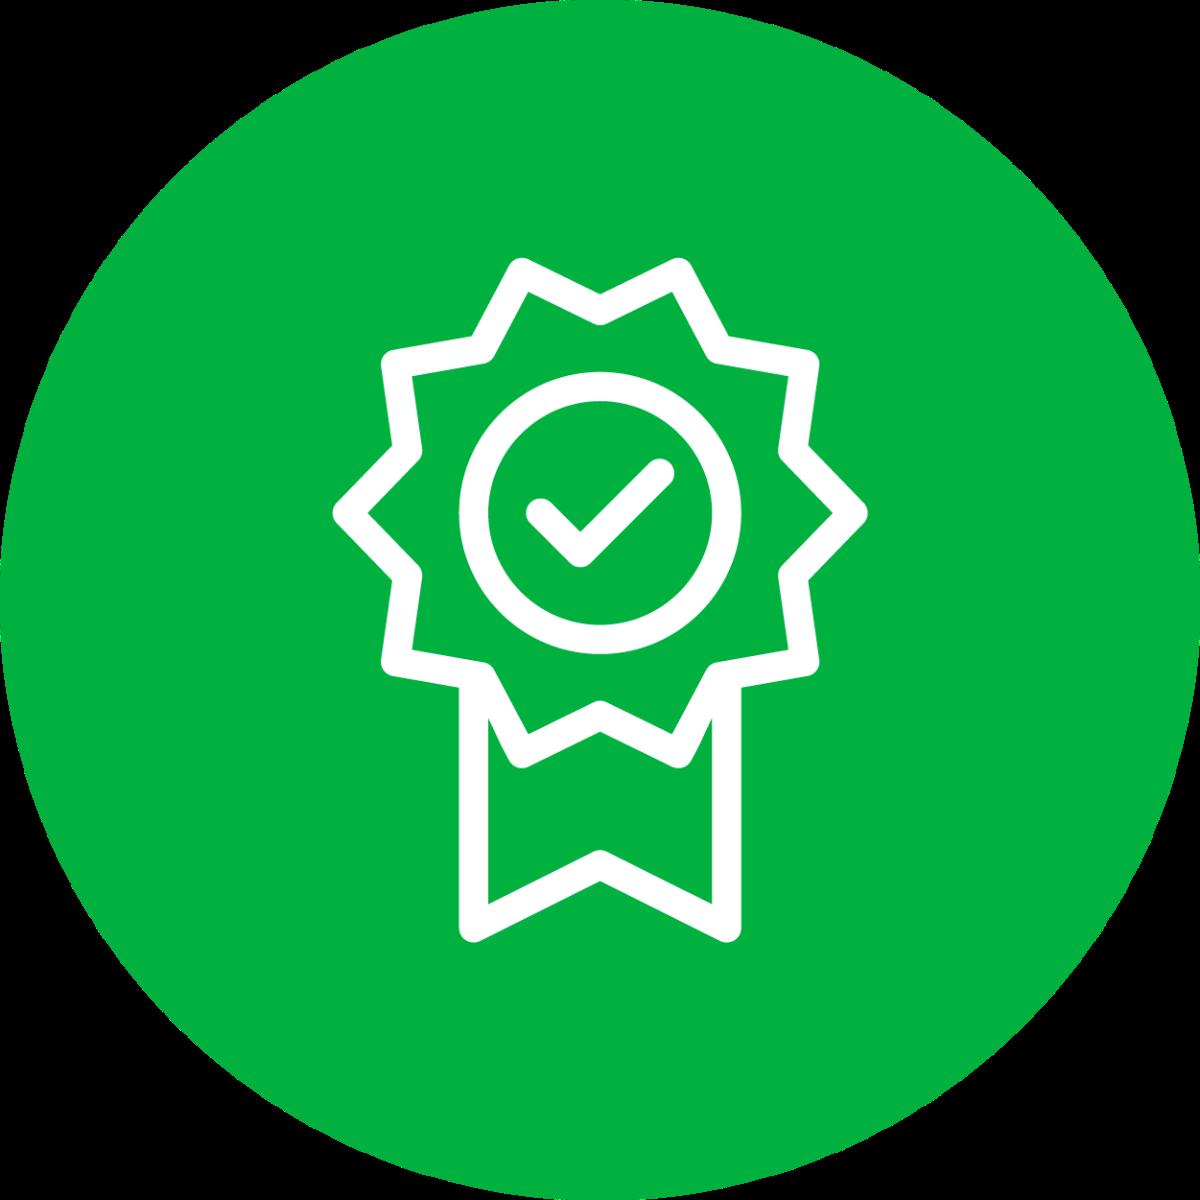 5 Year Guarantee Icon